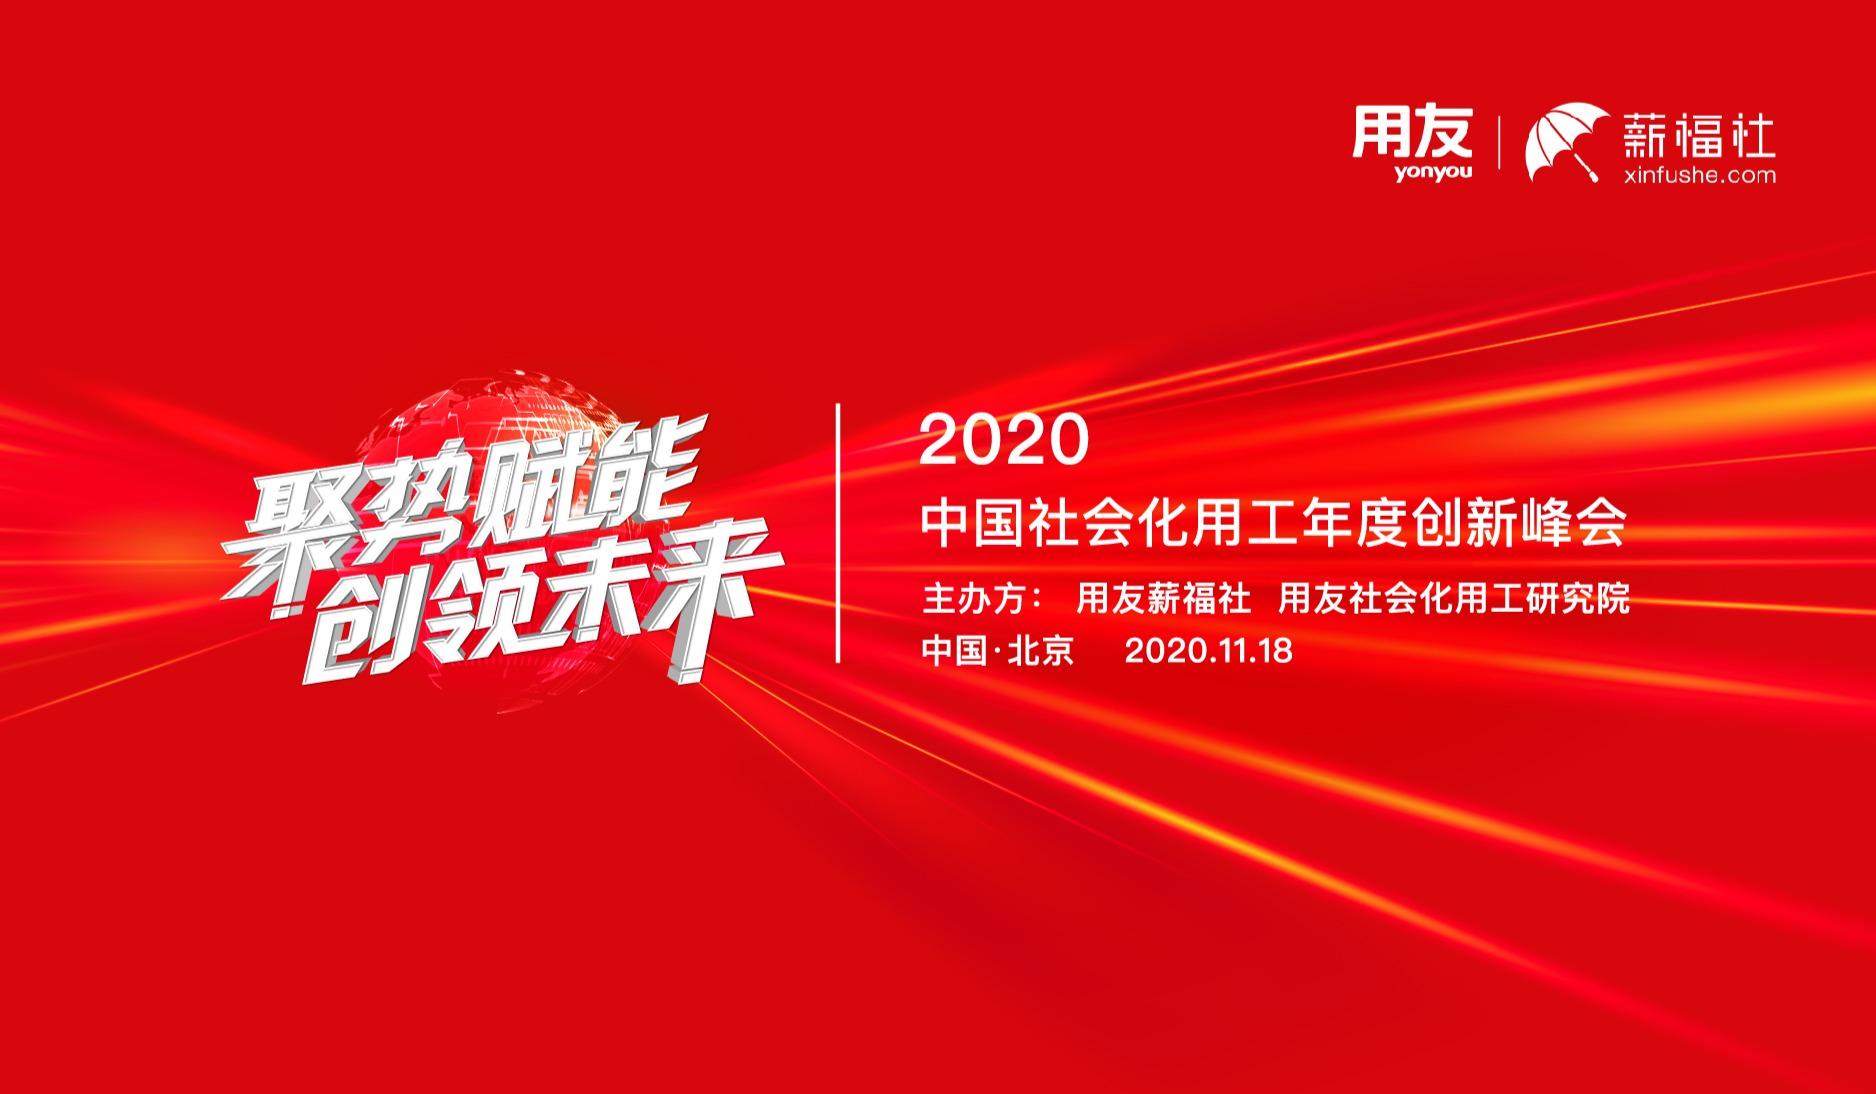 聚势赋能,创领未来丨 2020中国社会化用工年度创新峰会